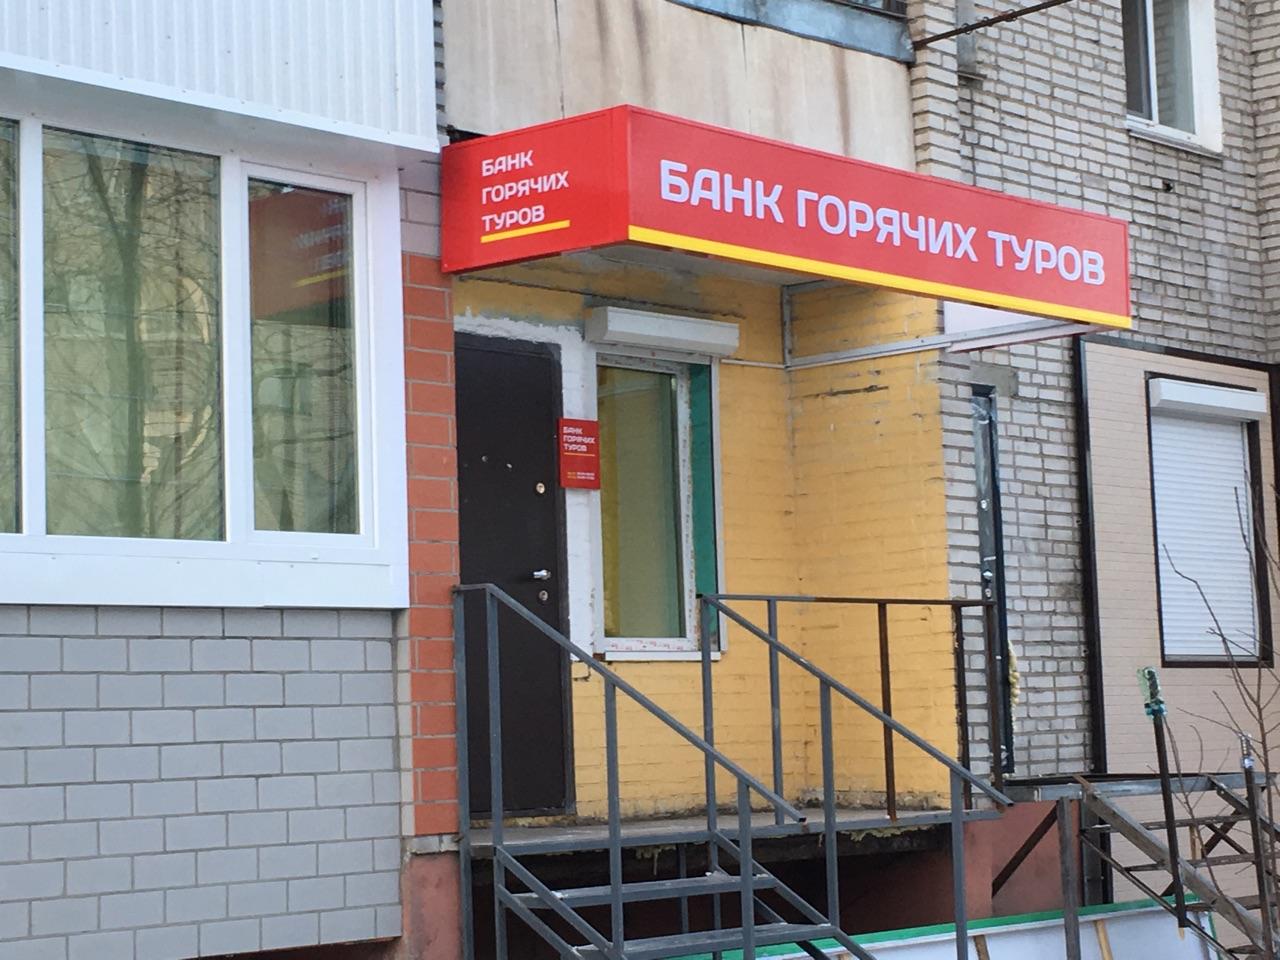 хоум кредит банк в барнауле адреса ниссан кредит условия